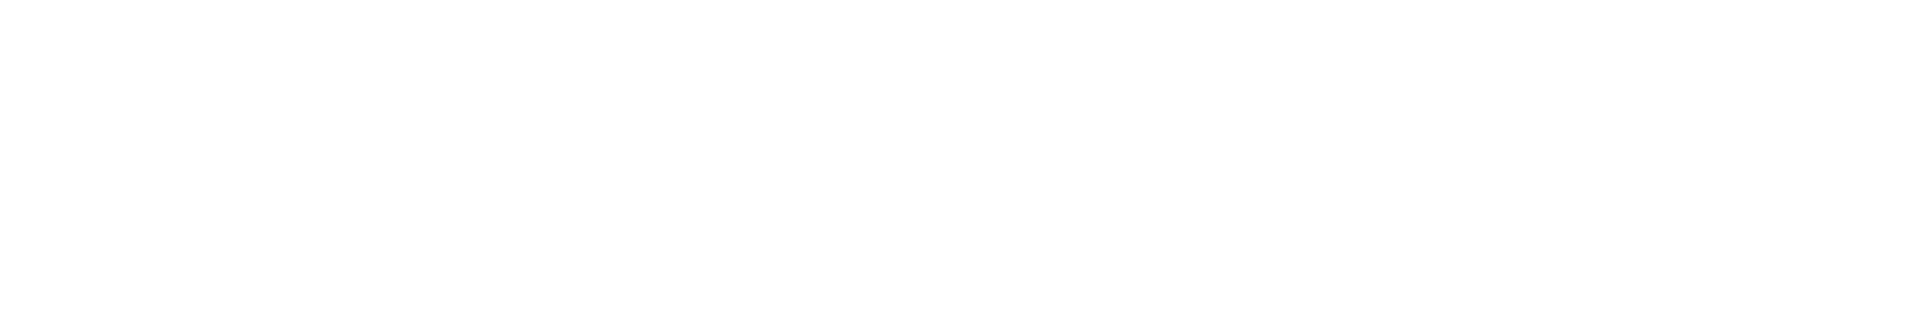 Linear-Logo-White.png